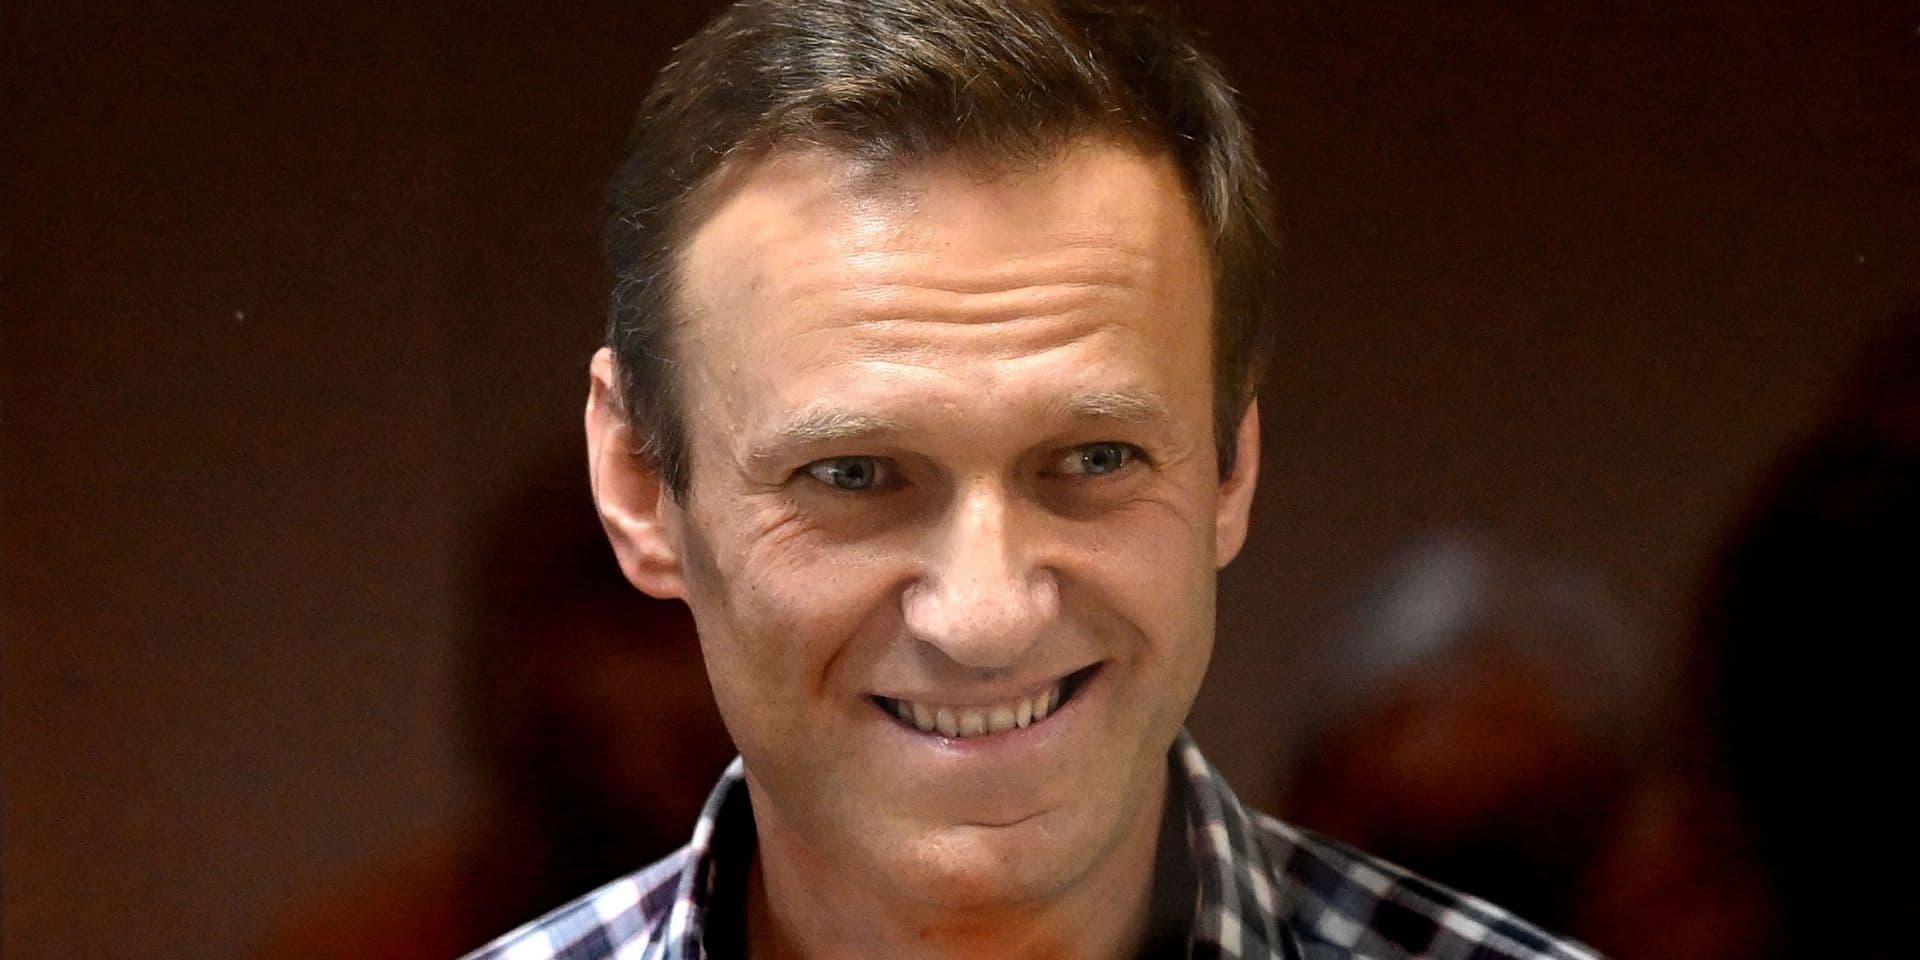 Des expertes de l'ONU réclament une enquête internationale sur l'empoisonnement de Navalny